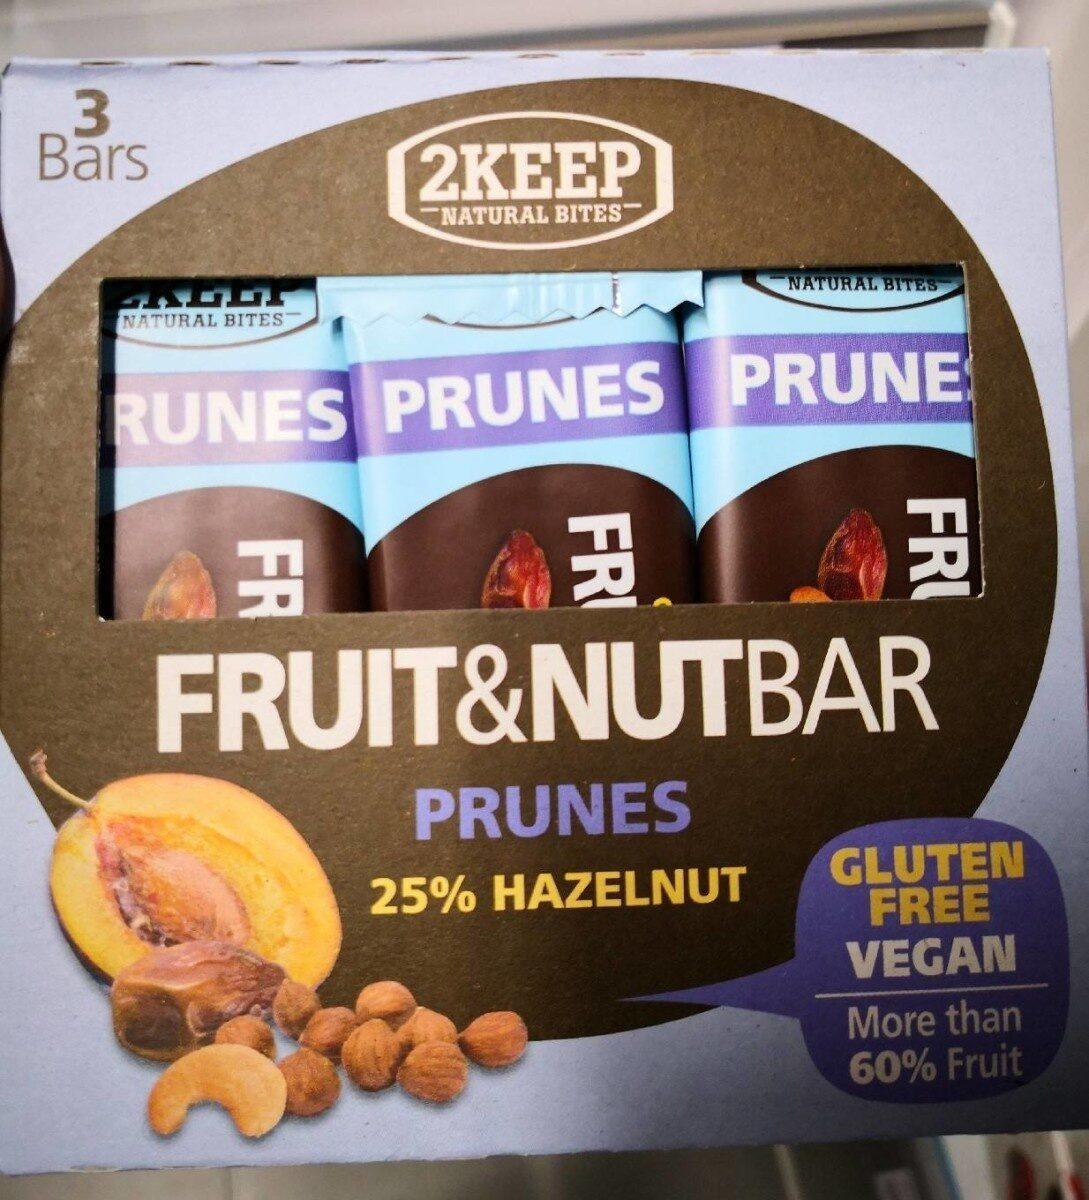 Barres prunes et noisettes - Produit - fr